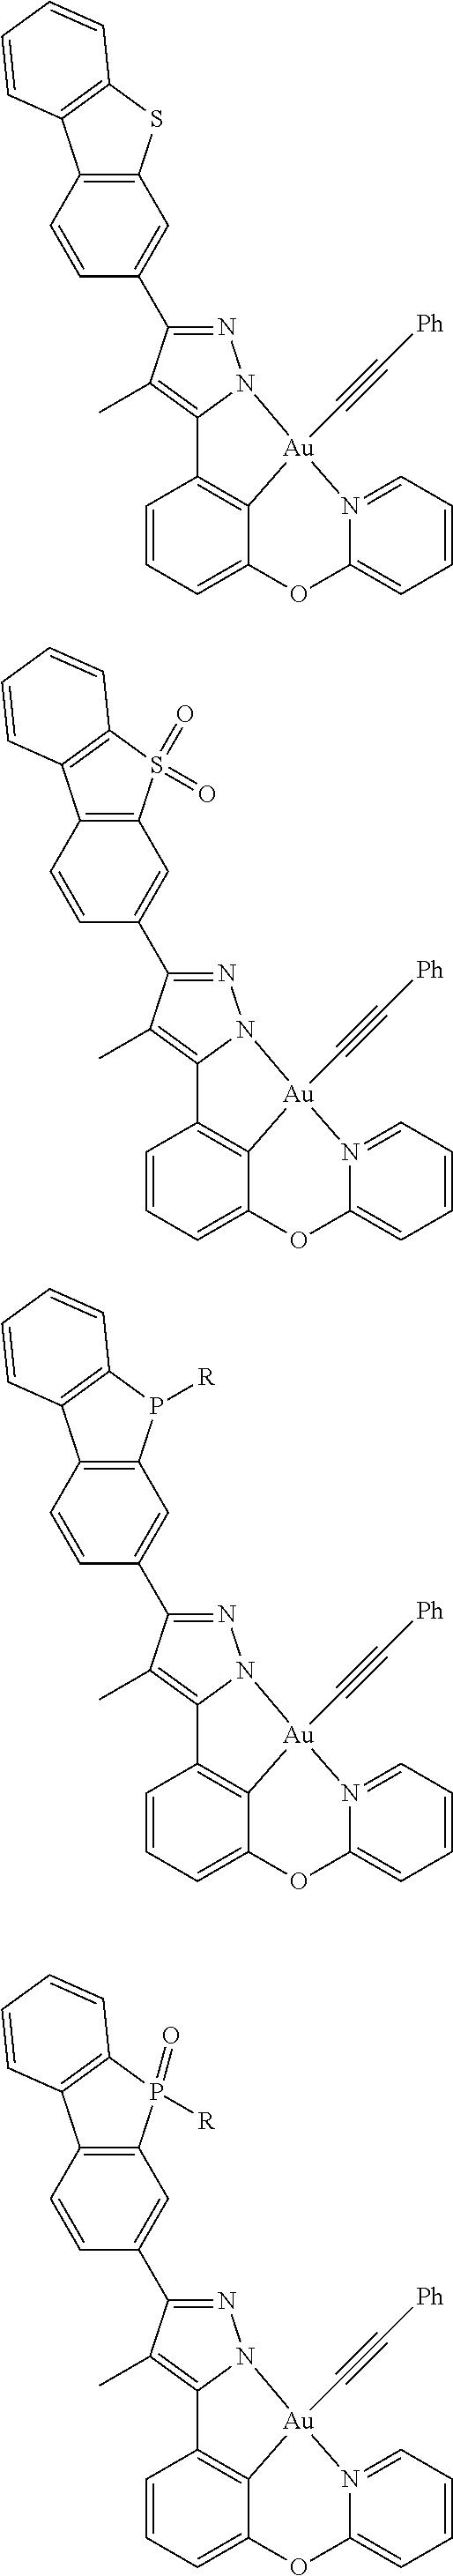 Figure US09818959-20171114-C00551